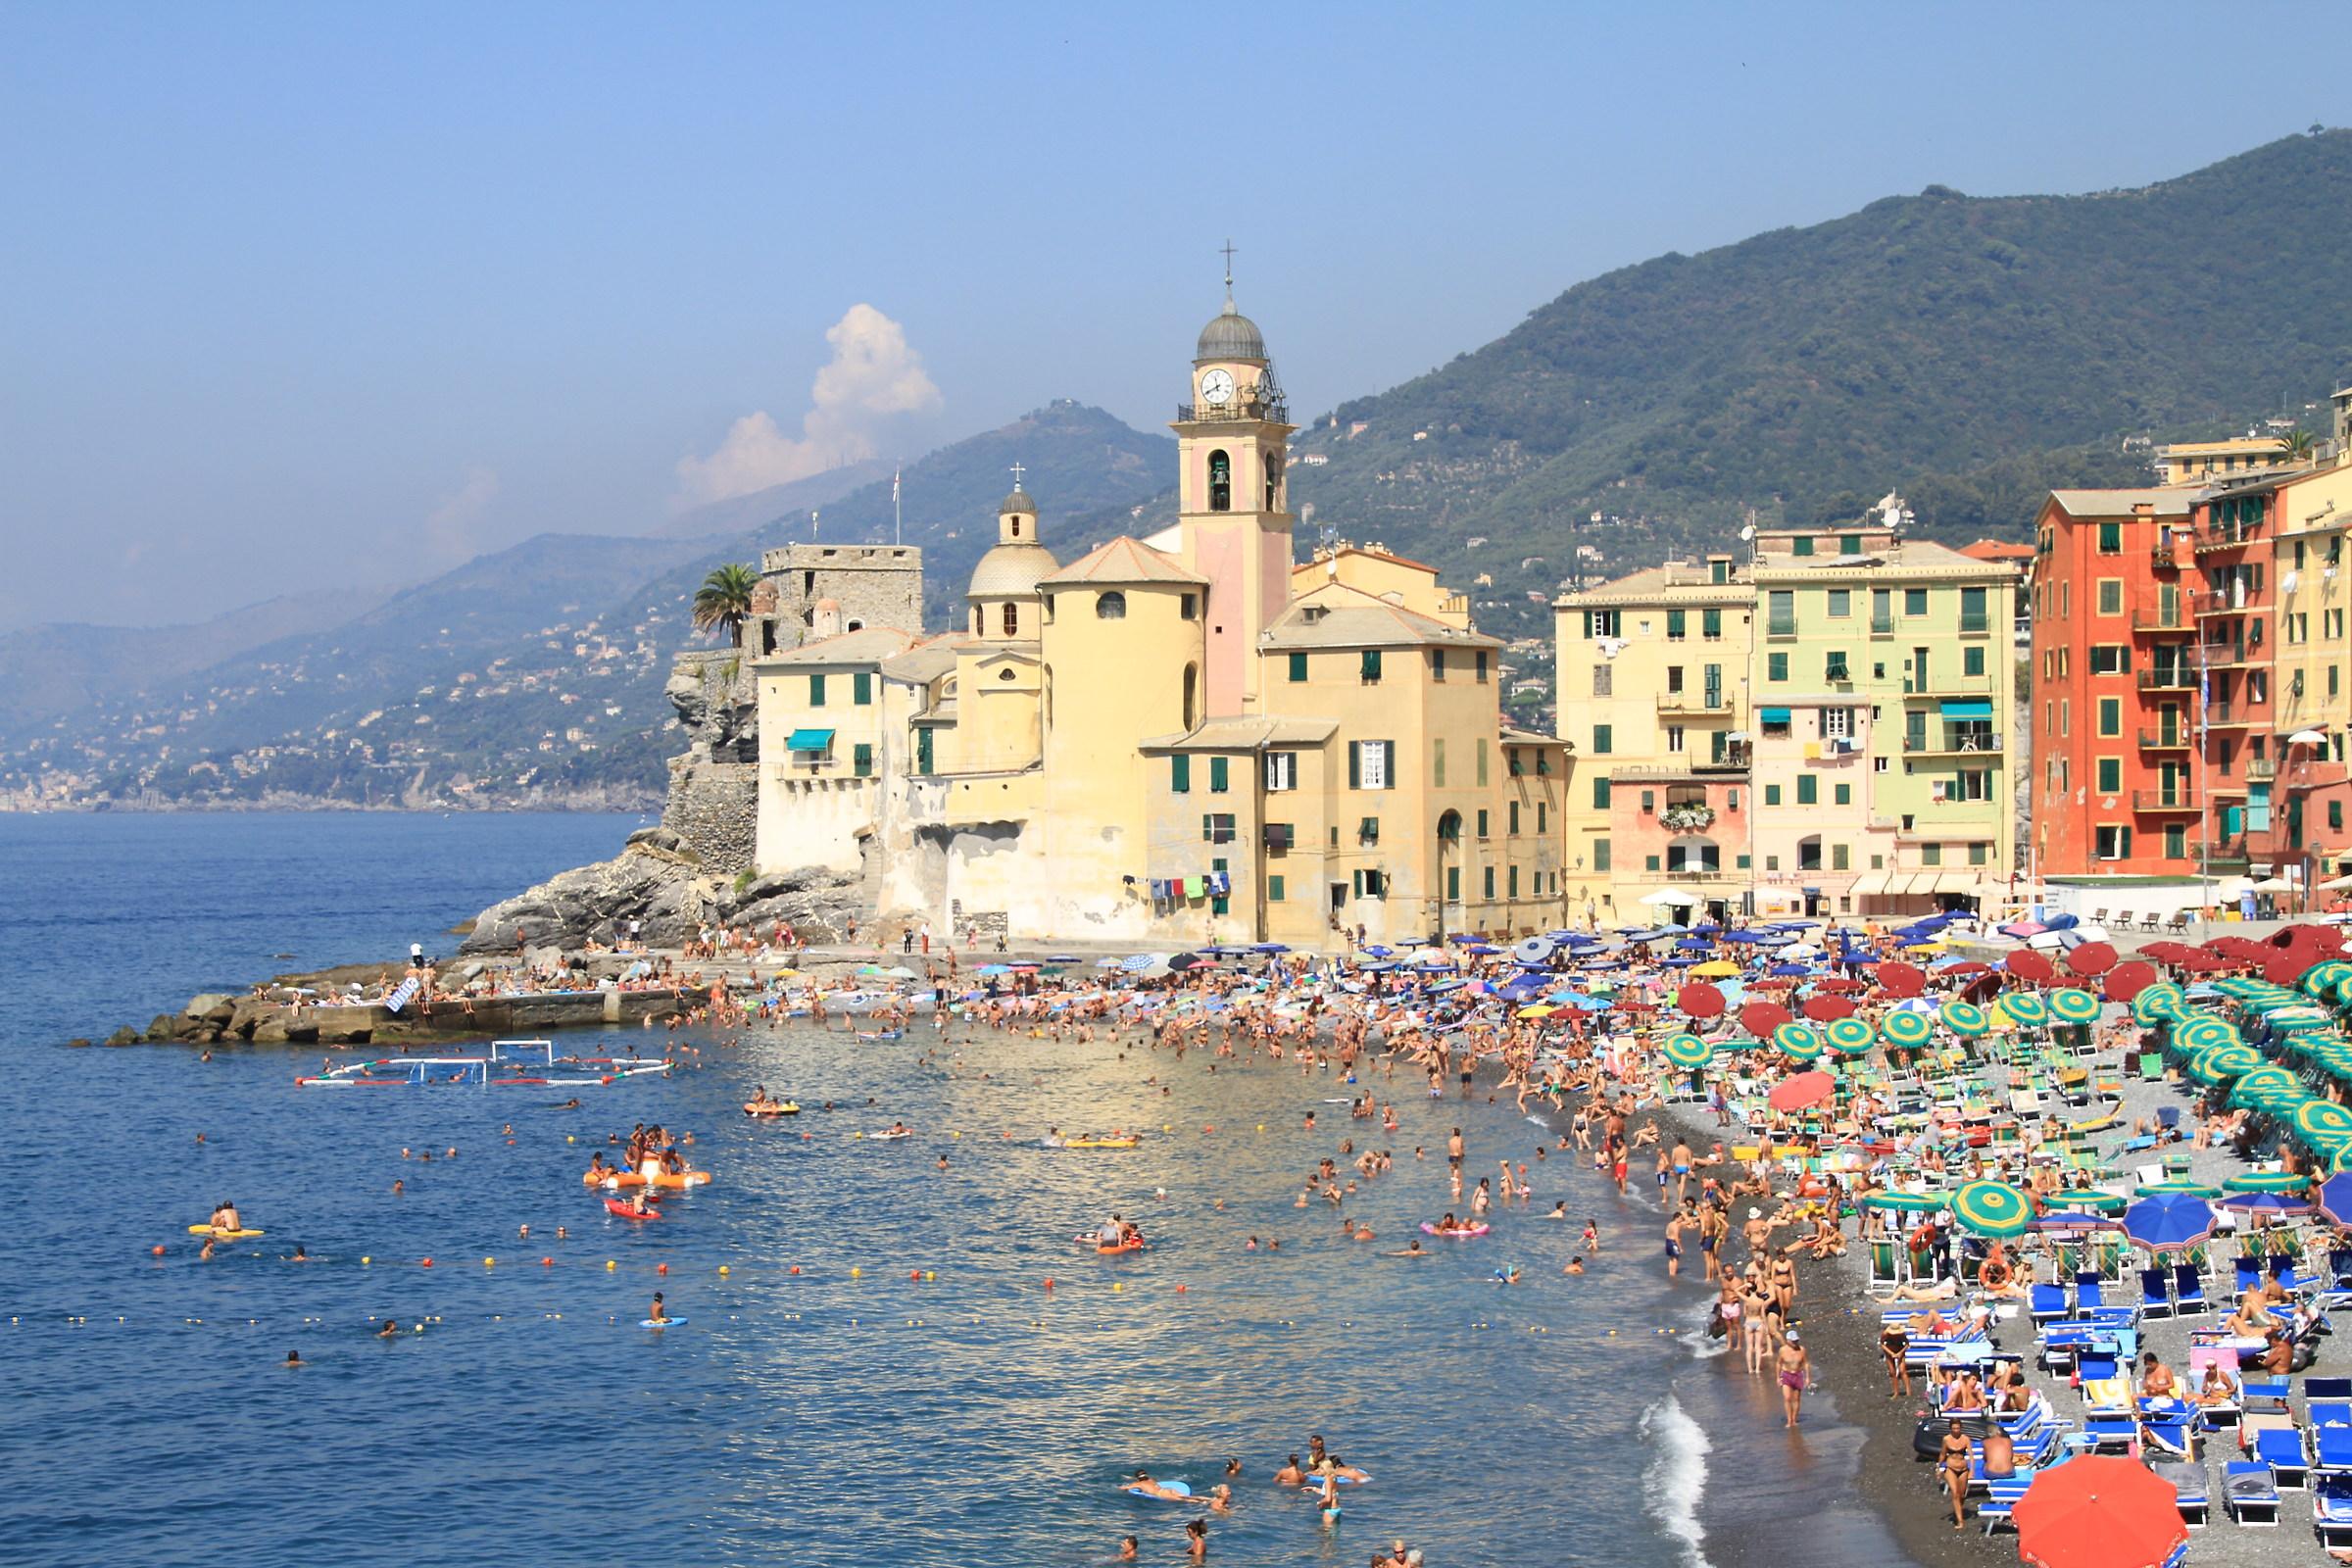 Camogli - Spiaggia a fine Agosto...